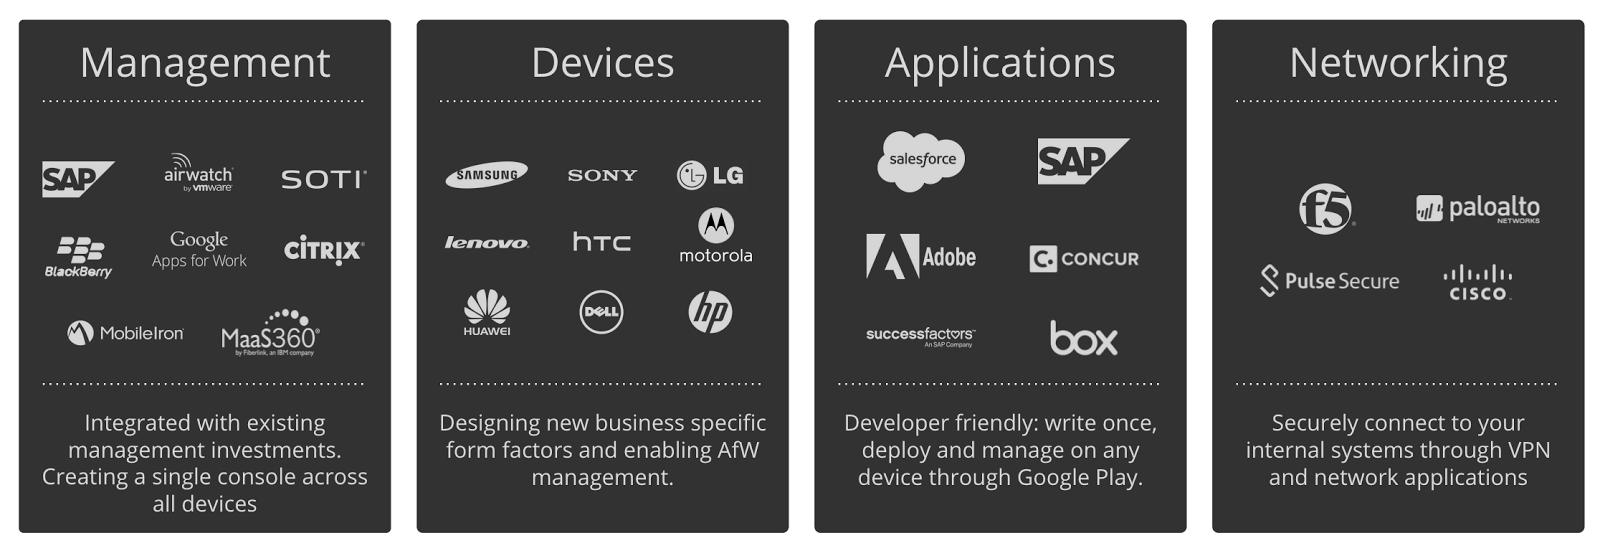 Partners Android for Work anunciado pela Google image